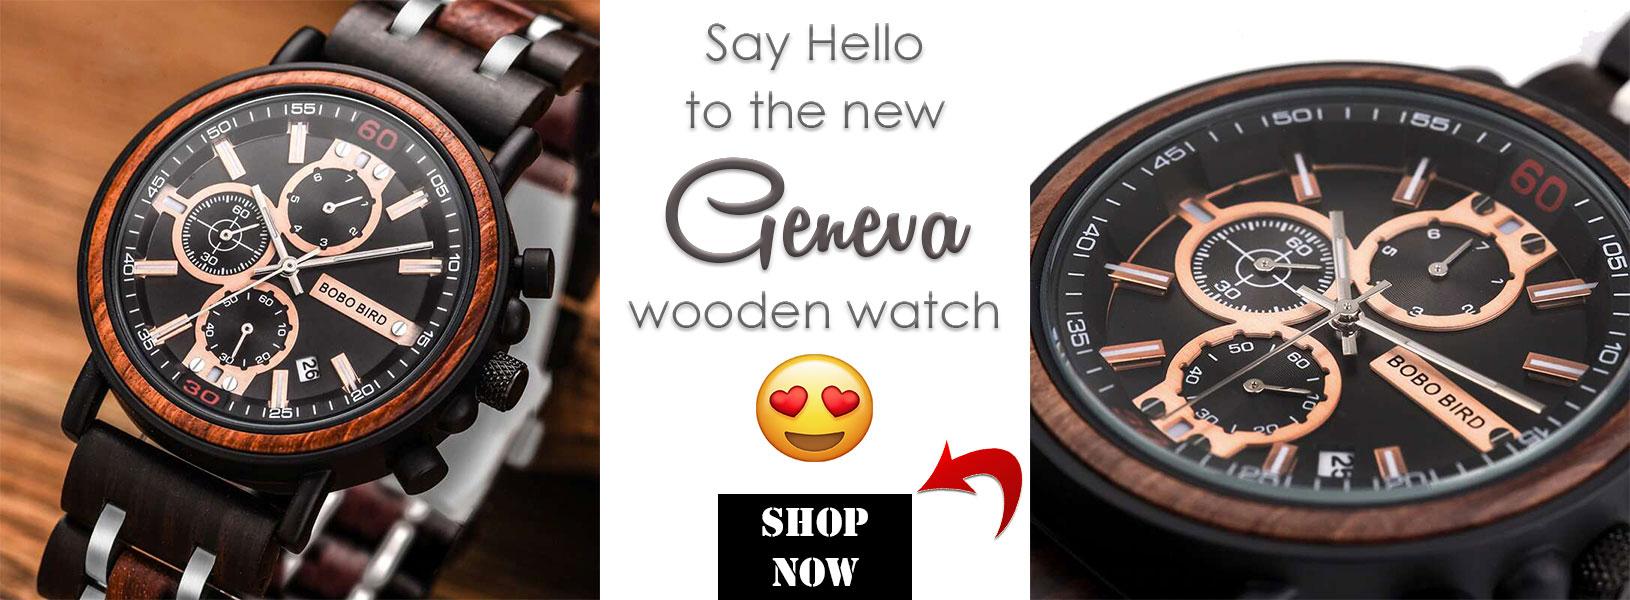 wooden-watch-shop-uk-geneva-banner